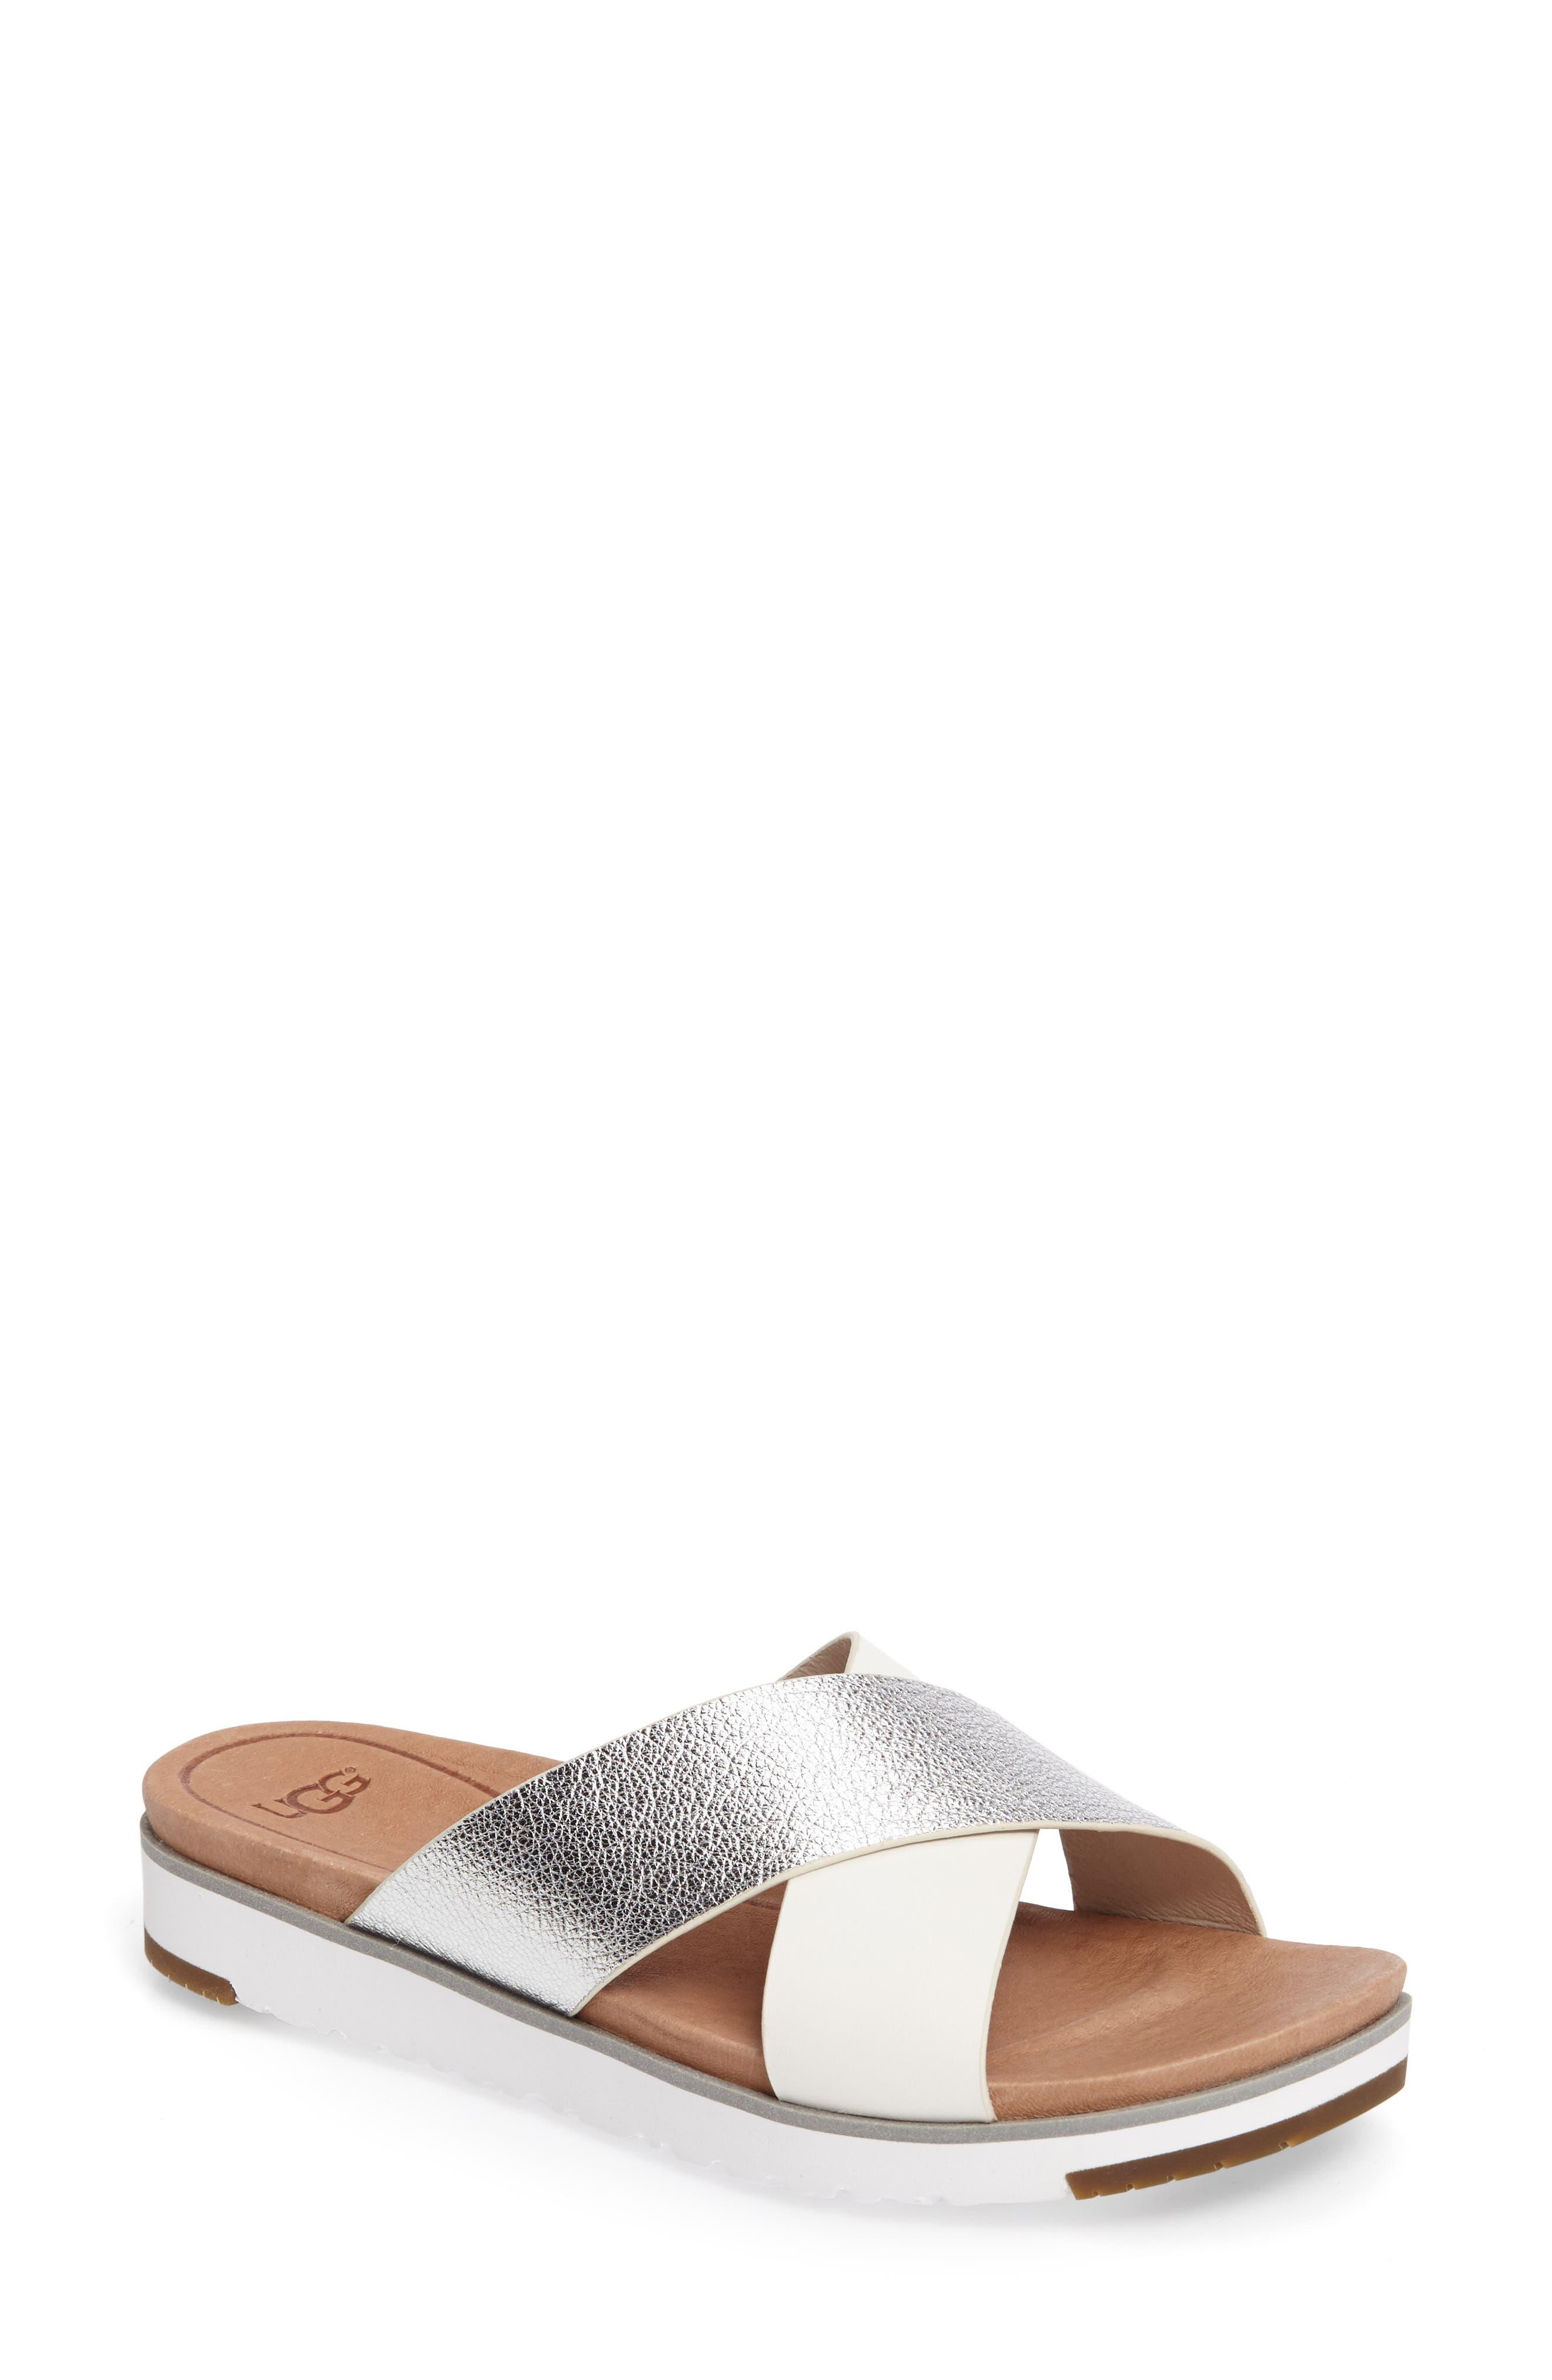 Main Image - UGG® 'Kari' Sandal (Women)